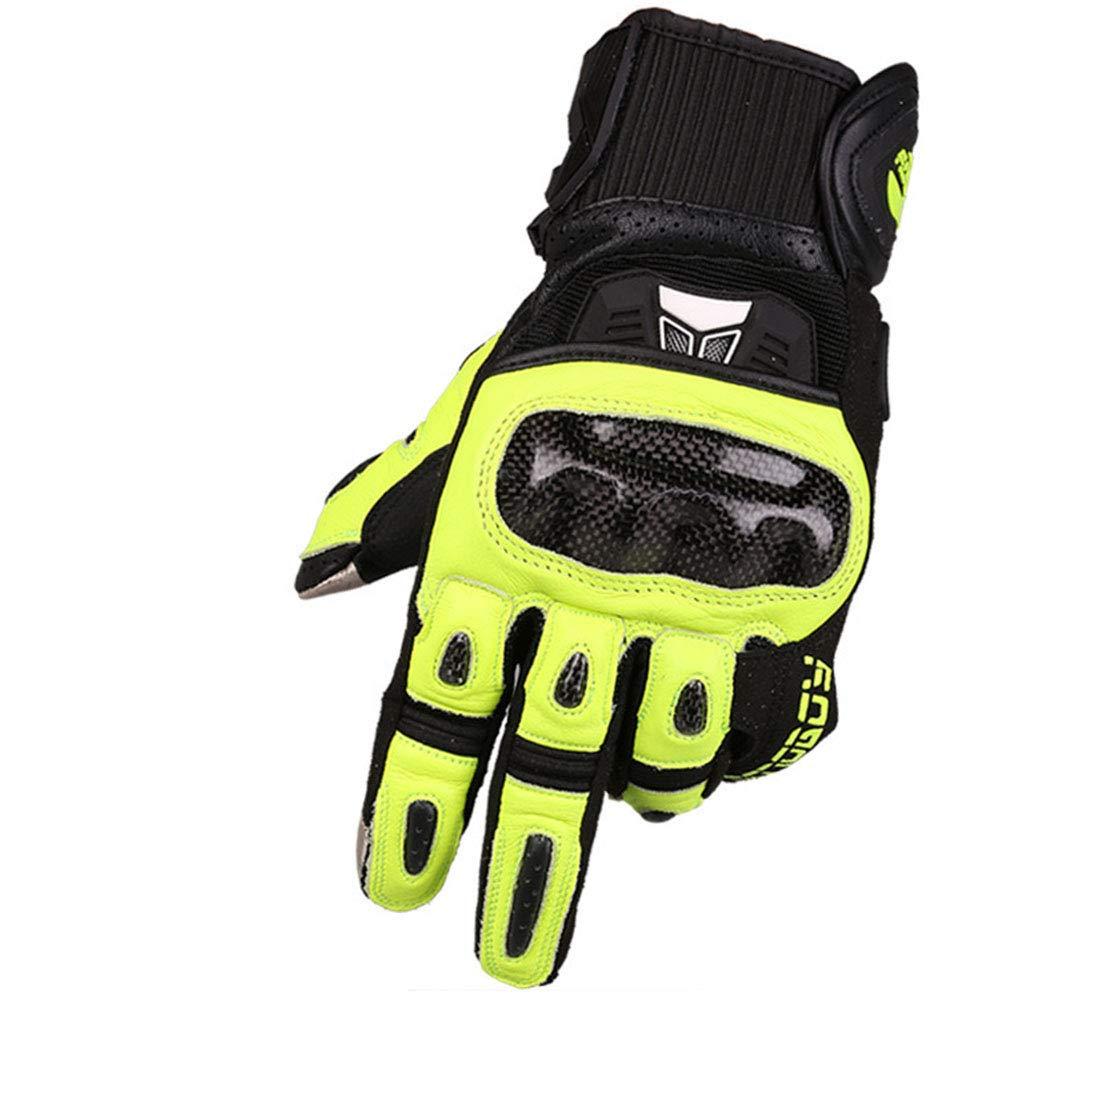 Annis6 オートバイクライミングハイキングサイクリングアウトドアスポーツ用タッチスクリーンオートバイグローブ (色 : オレンジ, サイズ : M) Medium オレンジ B07S51TYGK